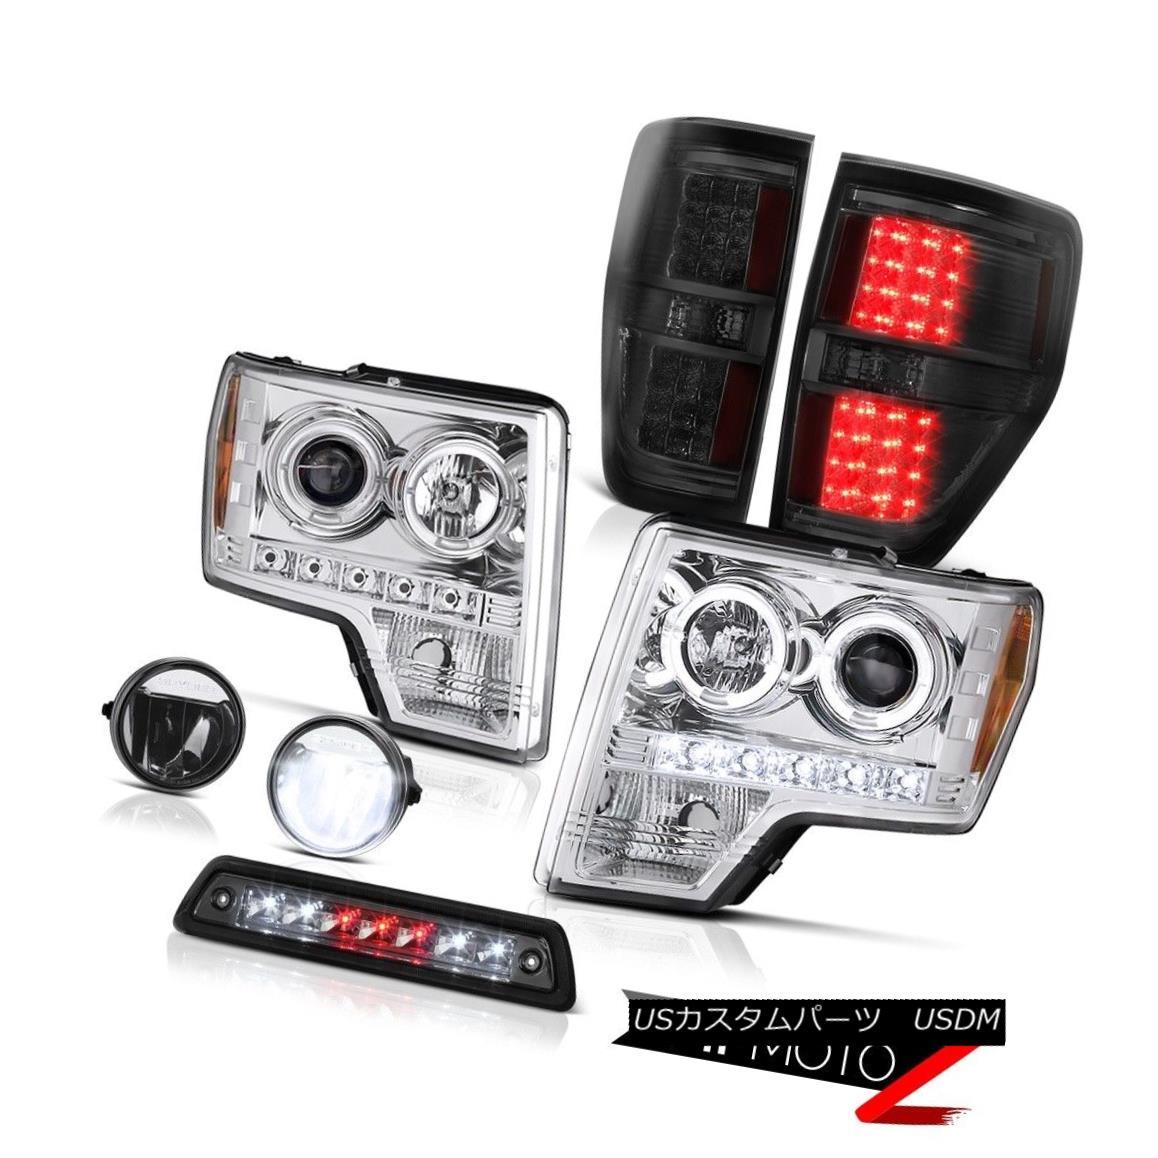 テールライト 09-14 F150 5.0L Smokey high stop light fog lamps tail lights headlamps Dual Halo 09-14 F150 5.0Lスモーキーハイストップライトフォグランプテールライトヘッドランプデュアルヘイロー